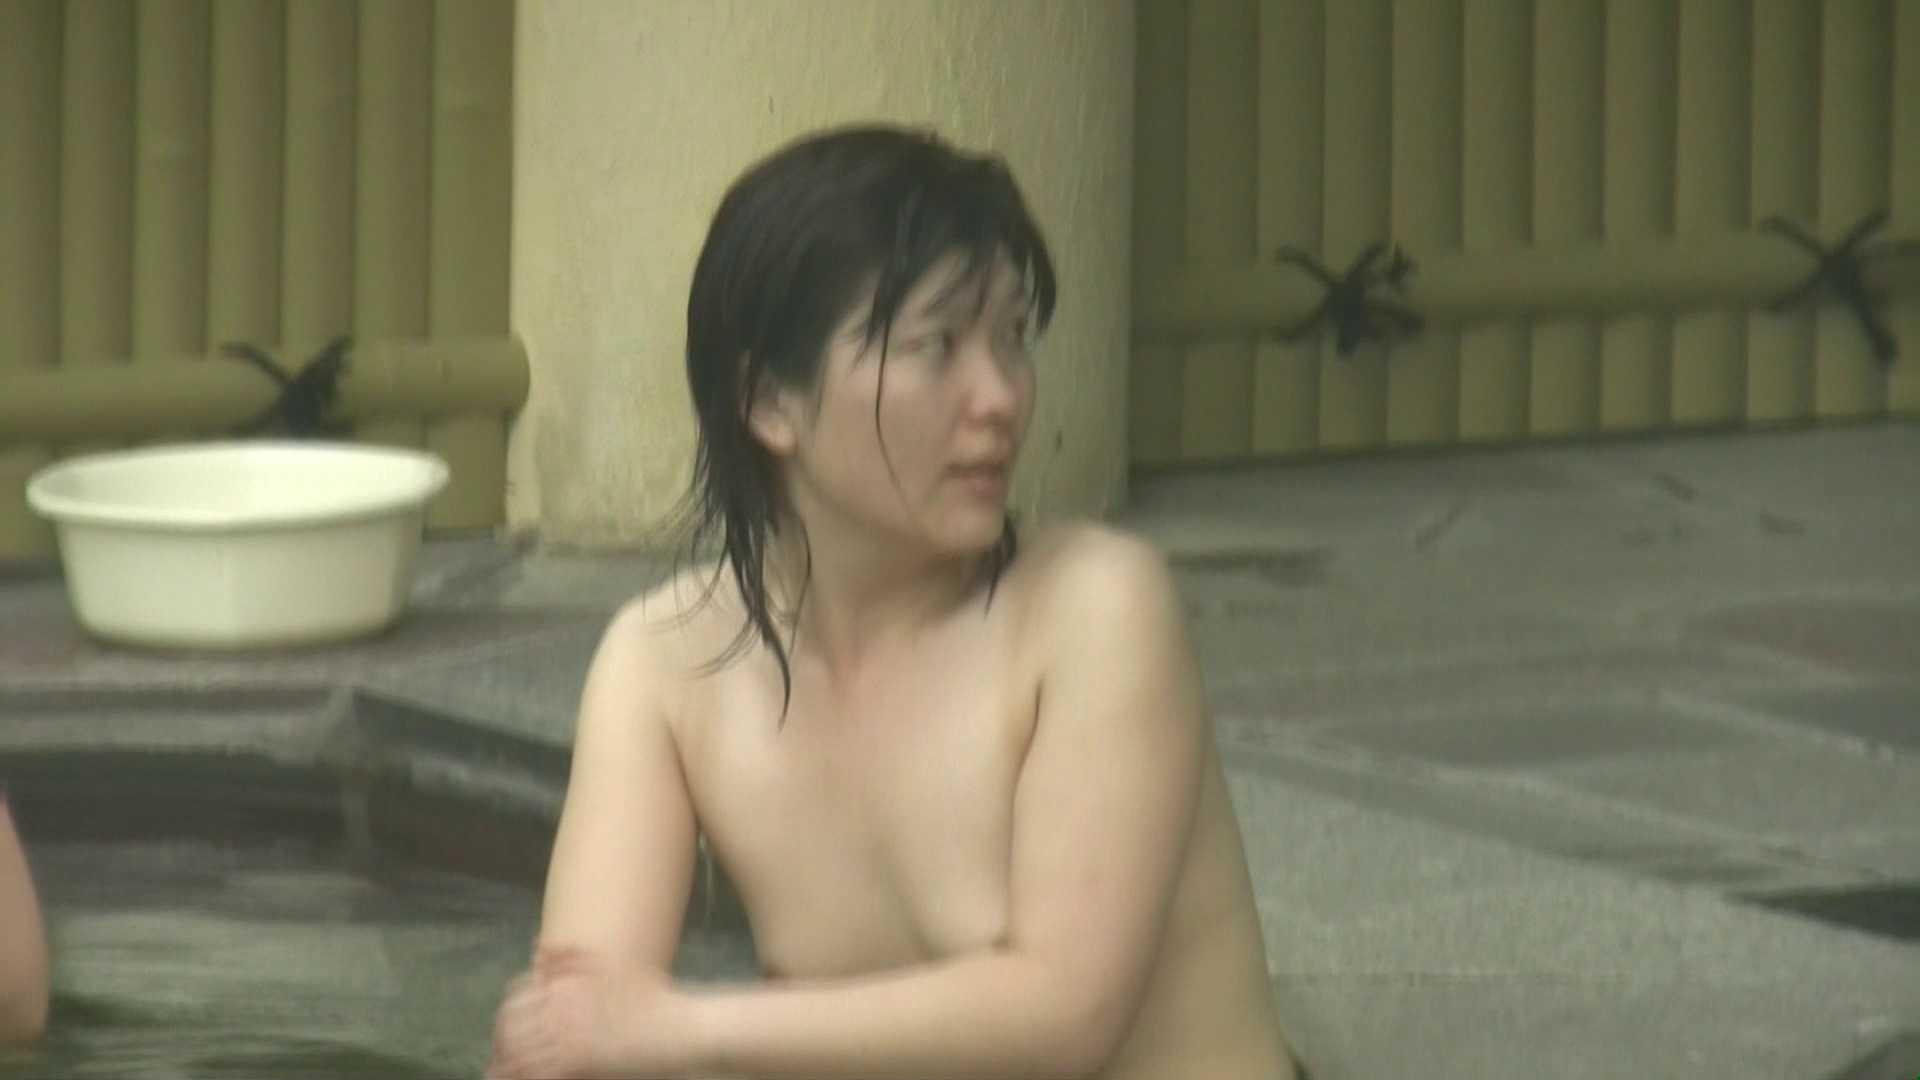 高画質露天女風呂観察 vol.024 露天 おめこ無修正動画無料 61画像 45